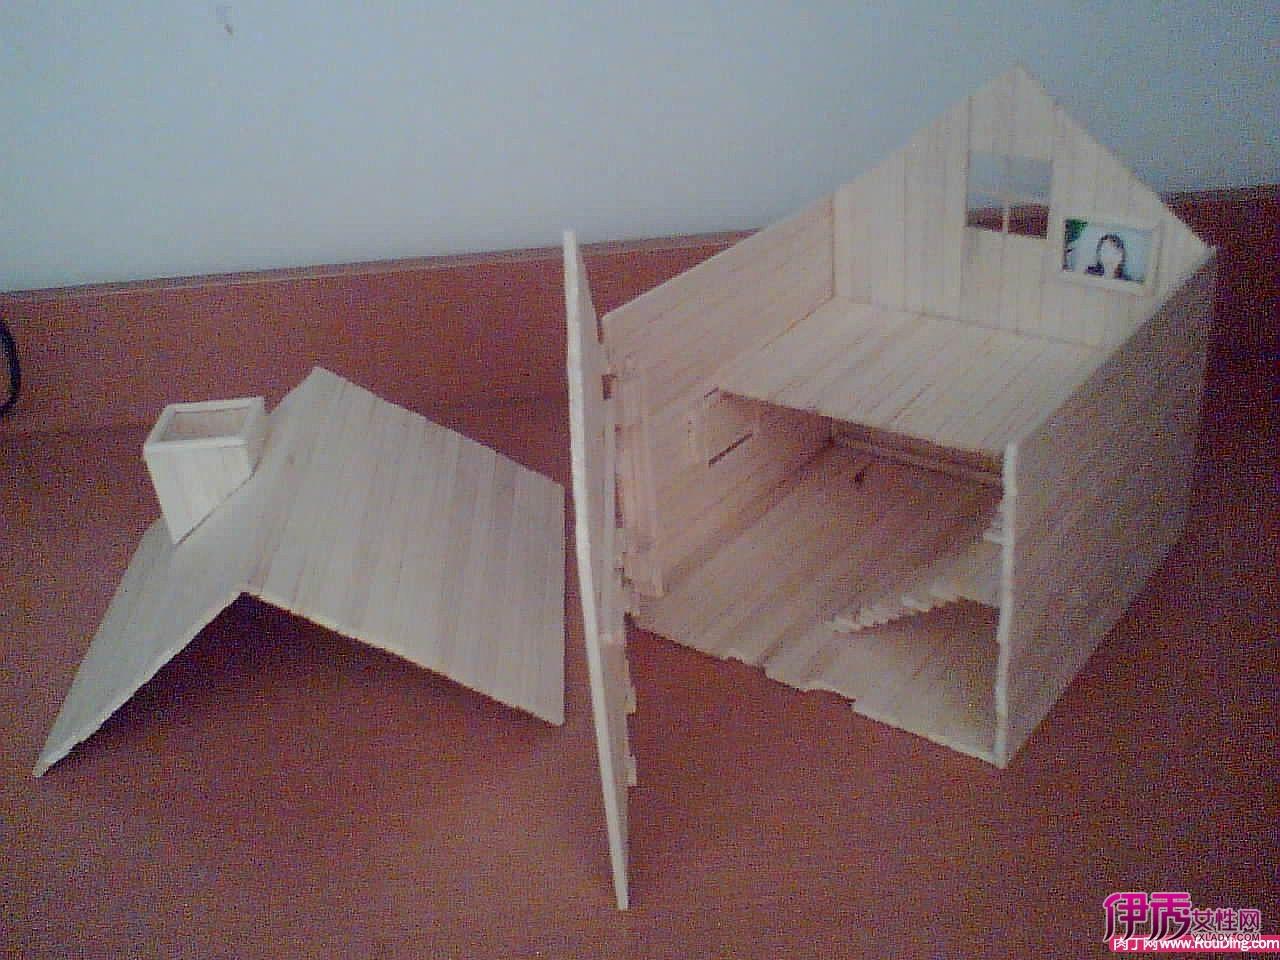 用一次性方便筷子手工制作房子模型